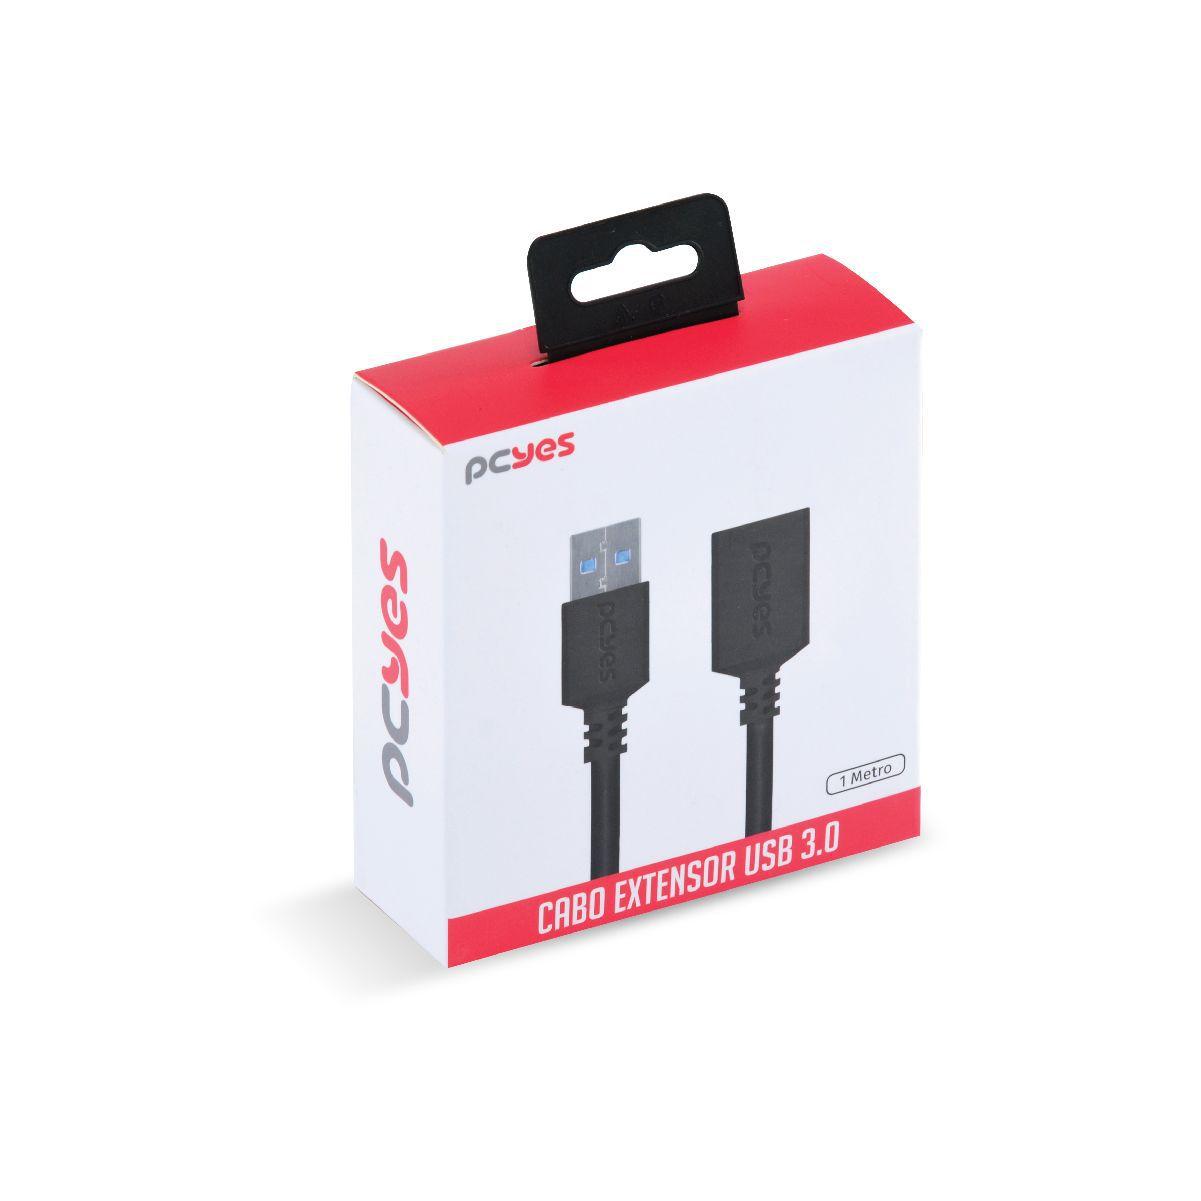 Cabo Extensor USB A 3.0 Macho para USB A 3.0 Fêmea 28AWG Puro Cobre 1 Metro PUAMF3-1 29303 - Pcyes